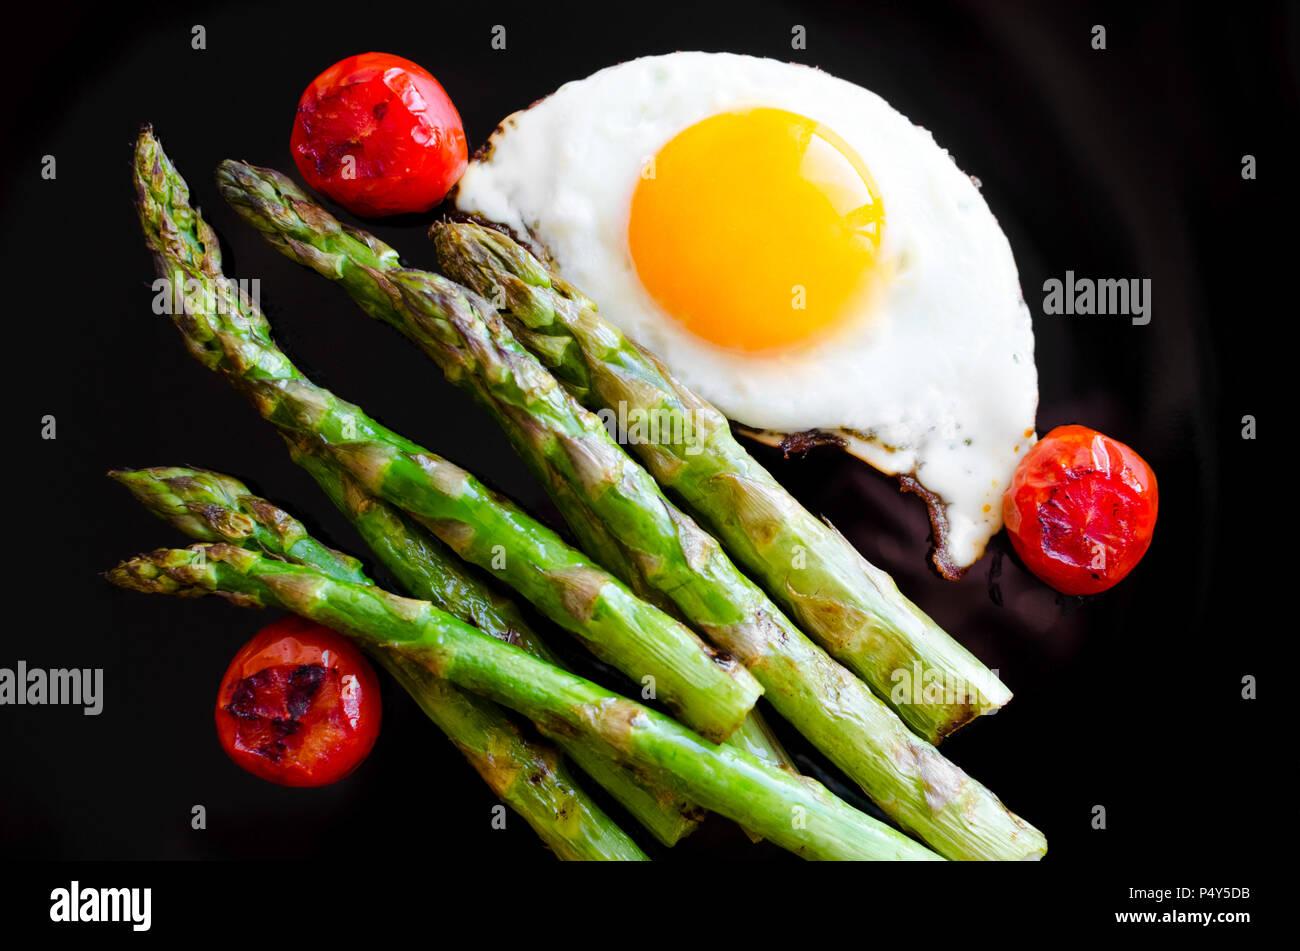 Œuf frit et asperges fraîches rôties avec des tomates cerise dans la plaque noire. Dîner santé concept. Manger délicieux et nutritifs. Vue d'en haut. Photo Stock